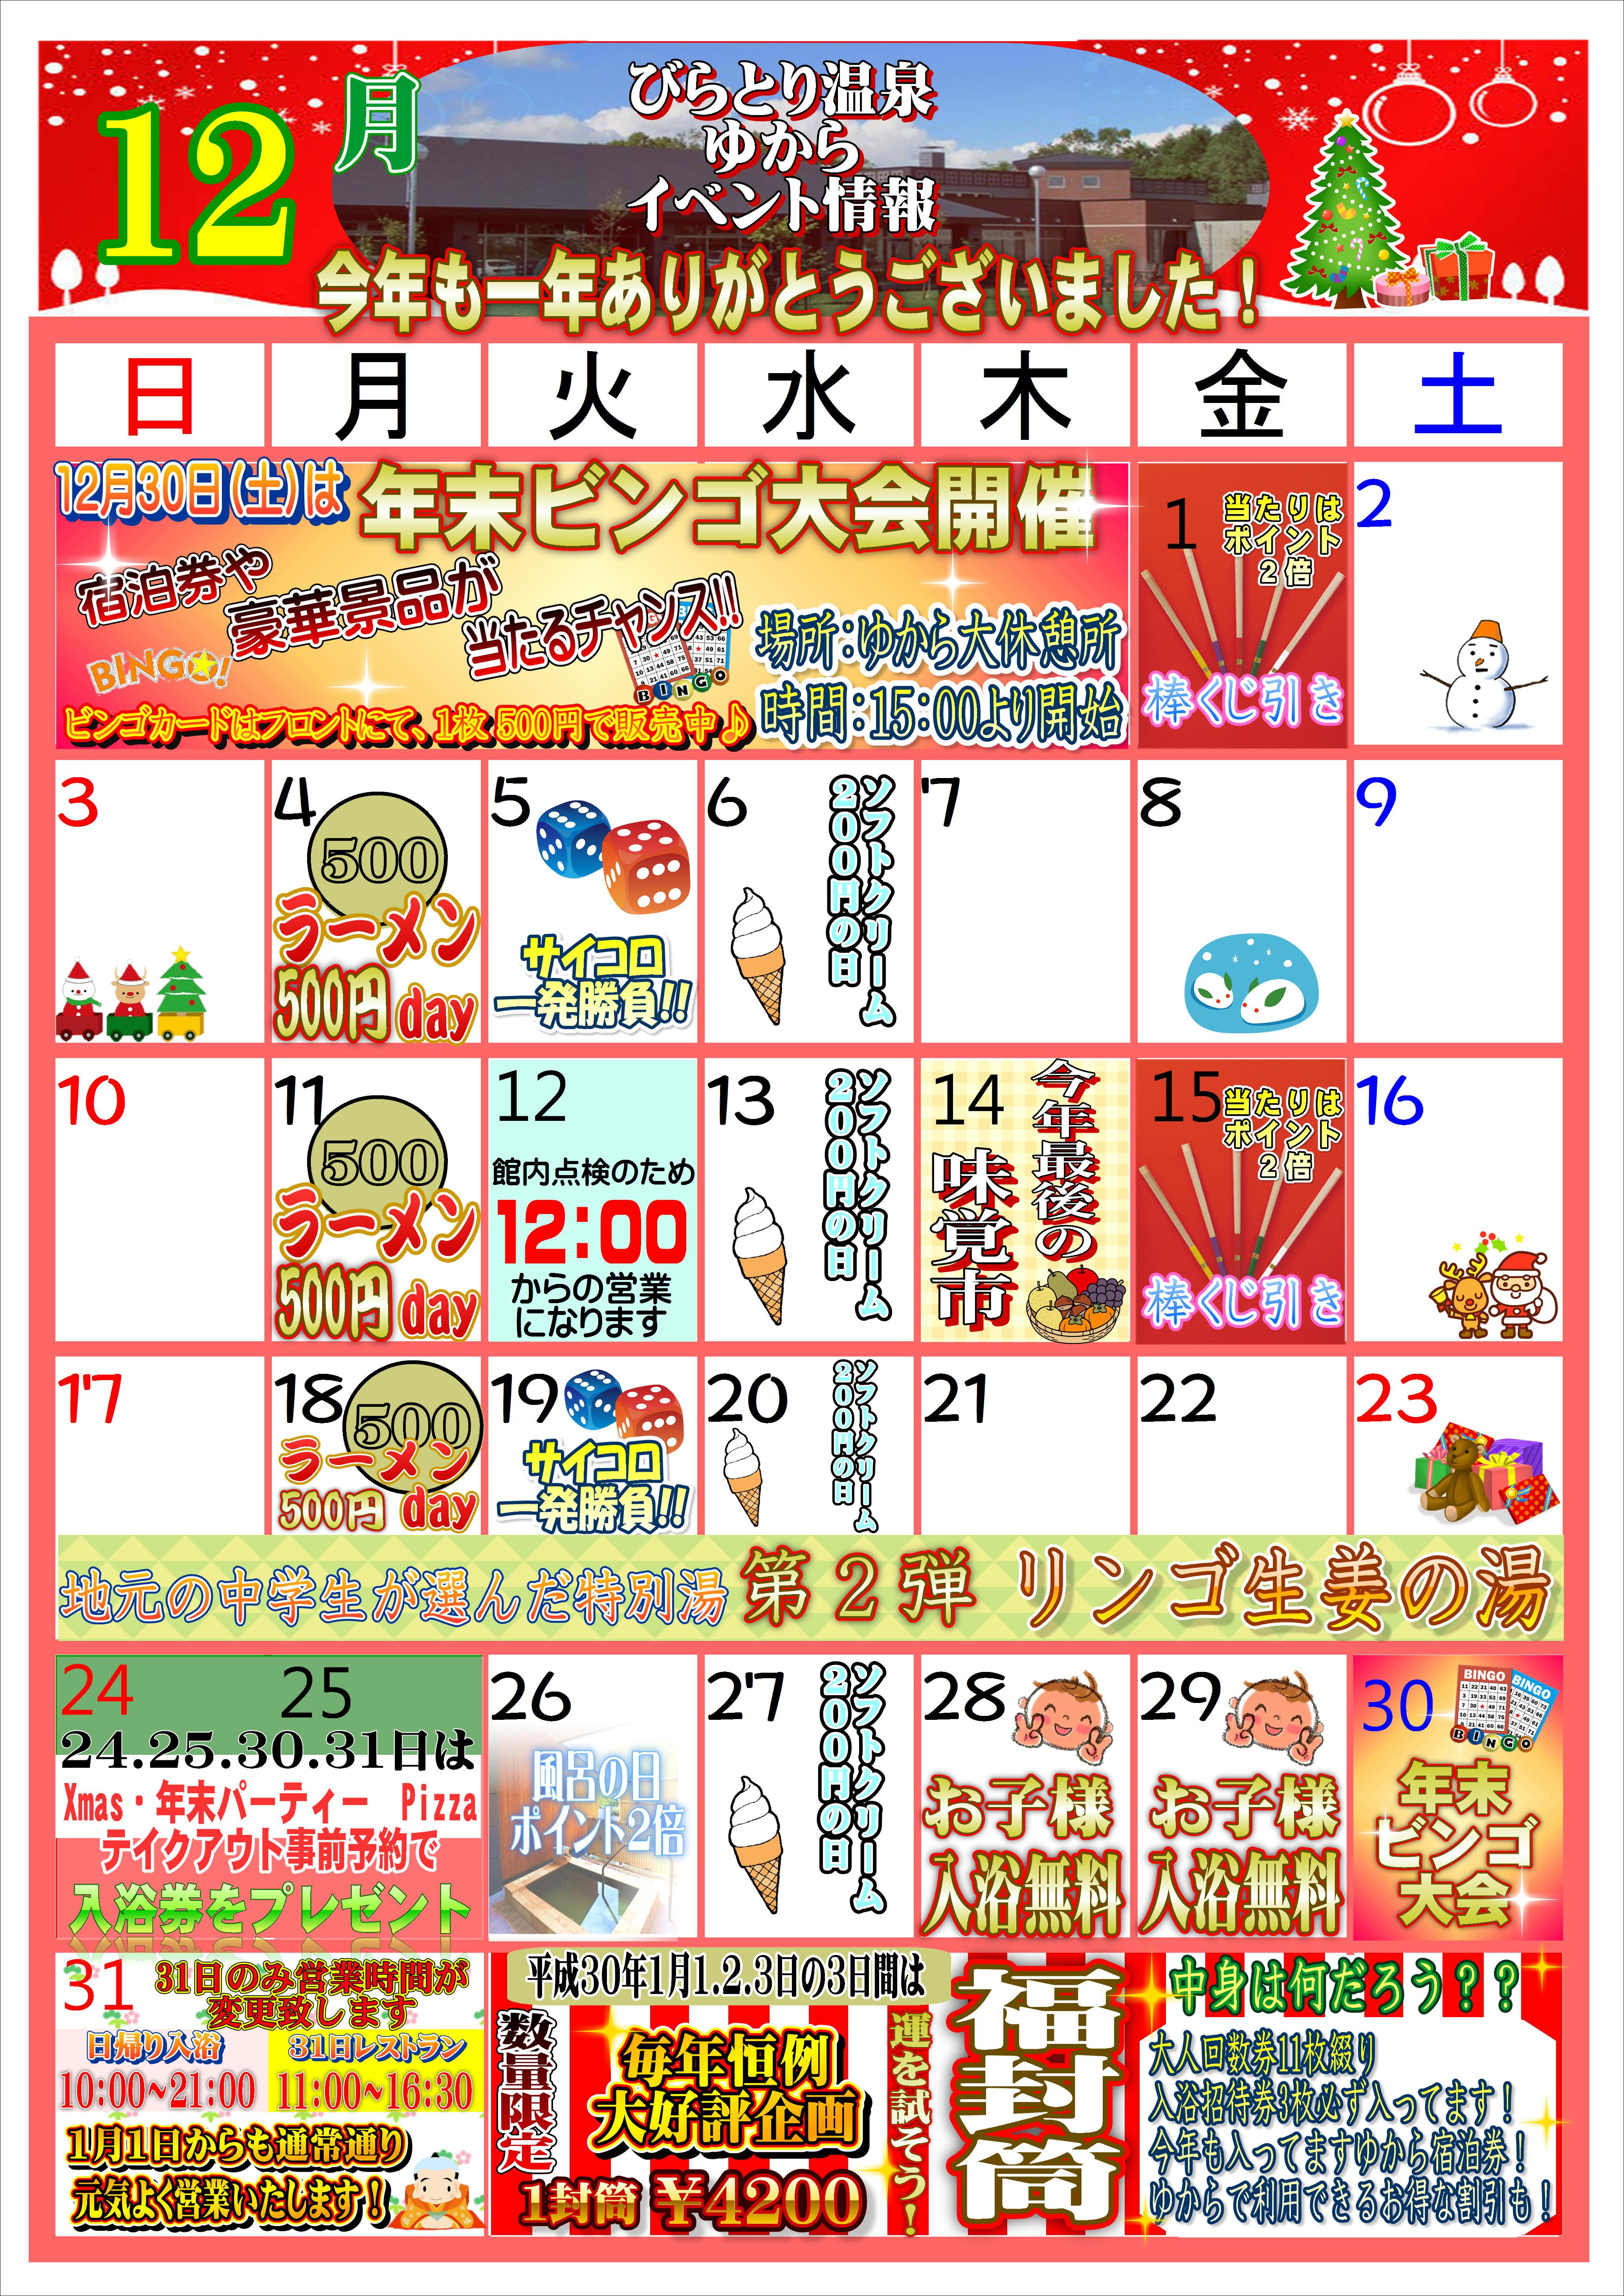 29年 12月 イベントカレンダー.JPEG